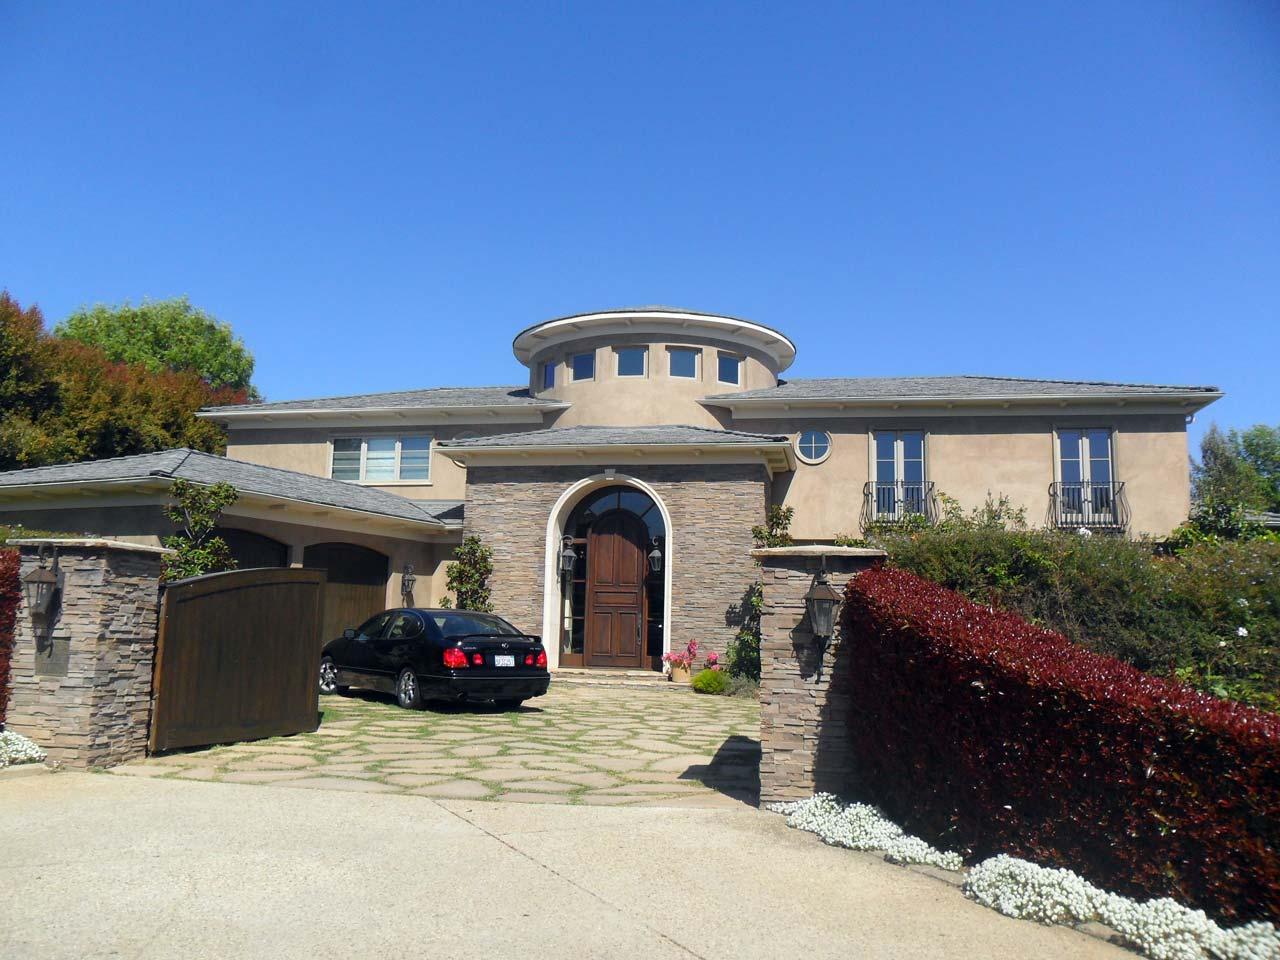 Beverly Hills villalarından biri